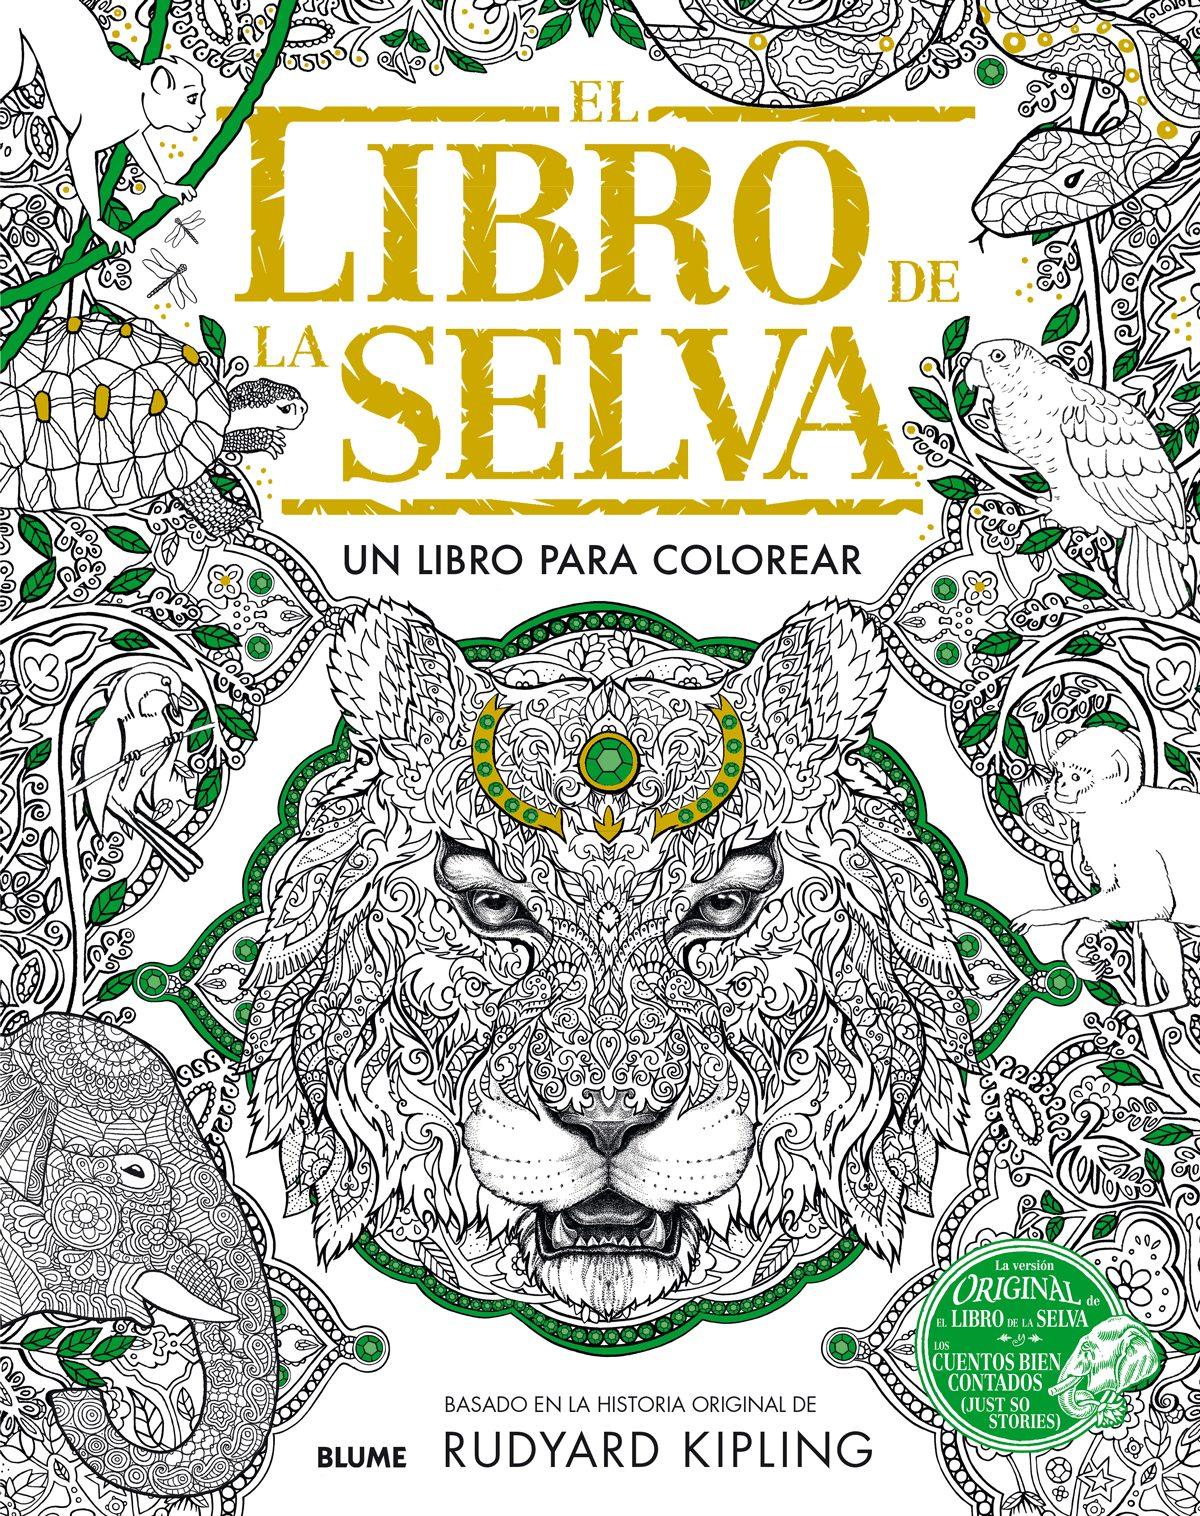 EL LIBRO DE LA SELVA: UN LIBRO PARA COLOREAR | RUDYARD KIPLING ...